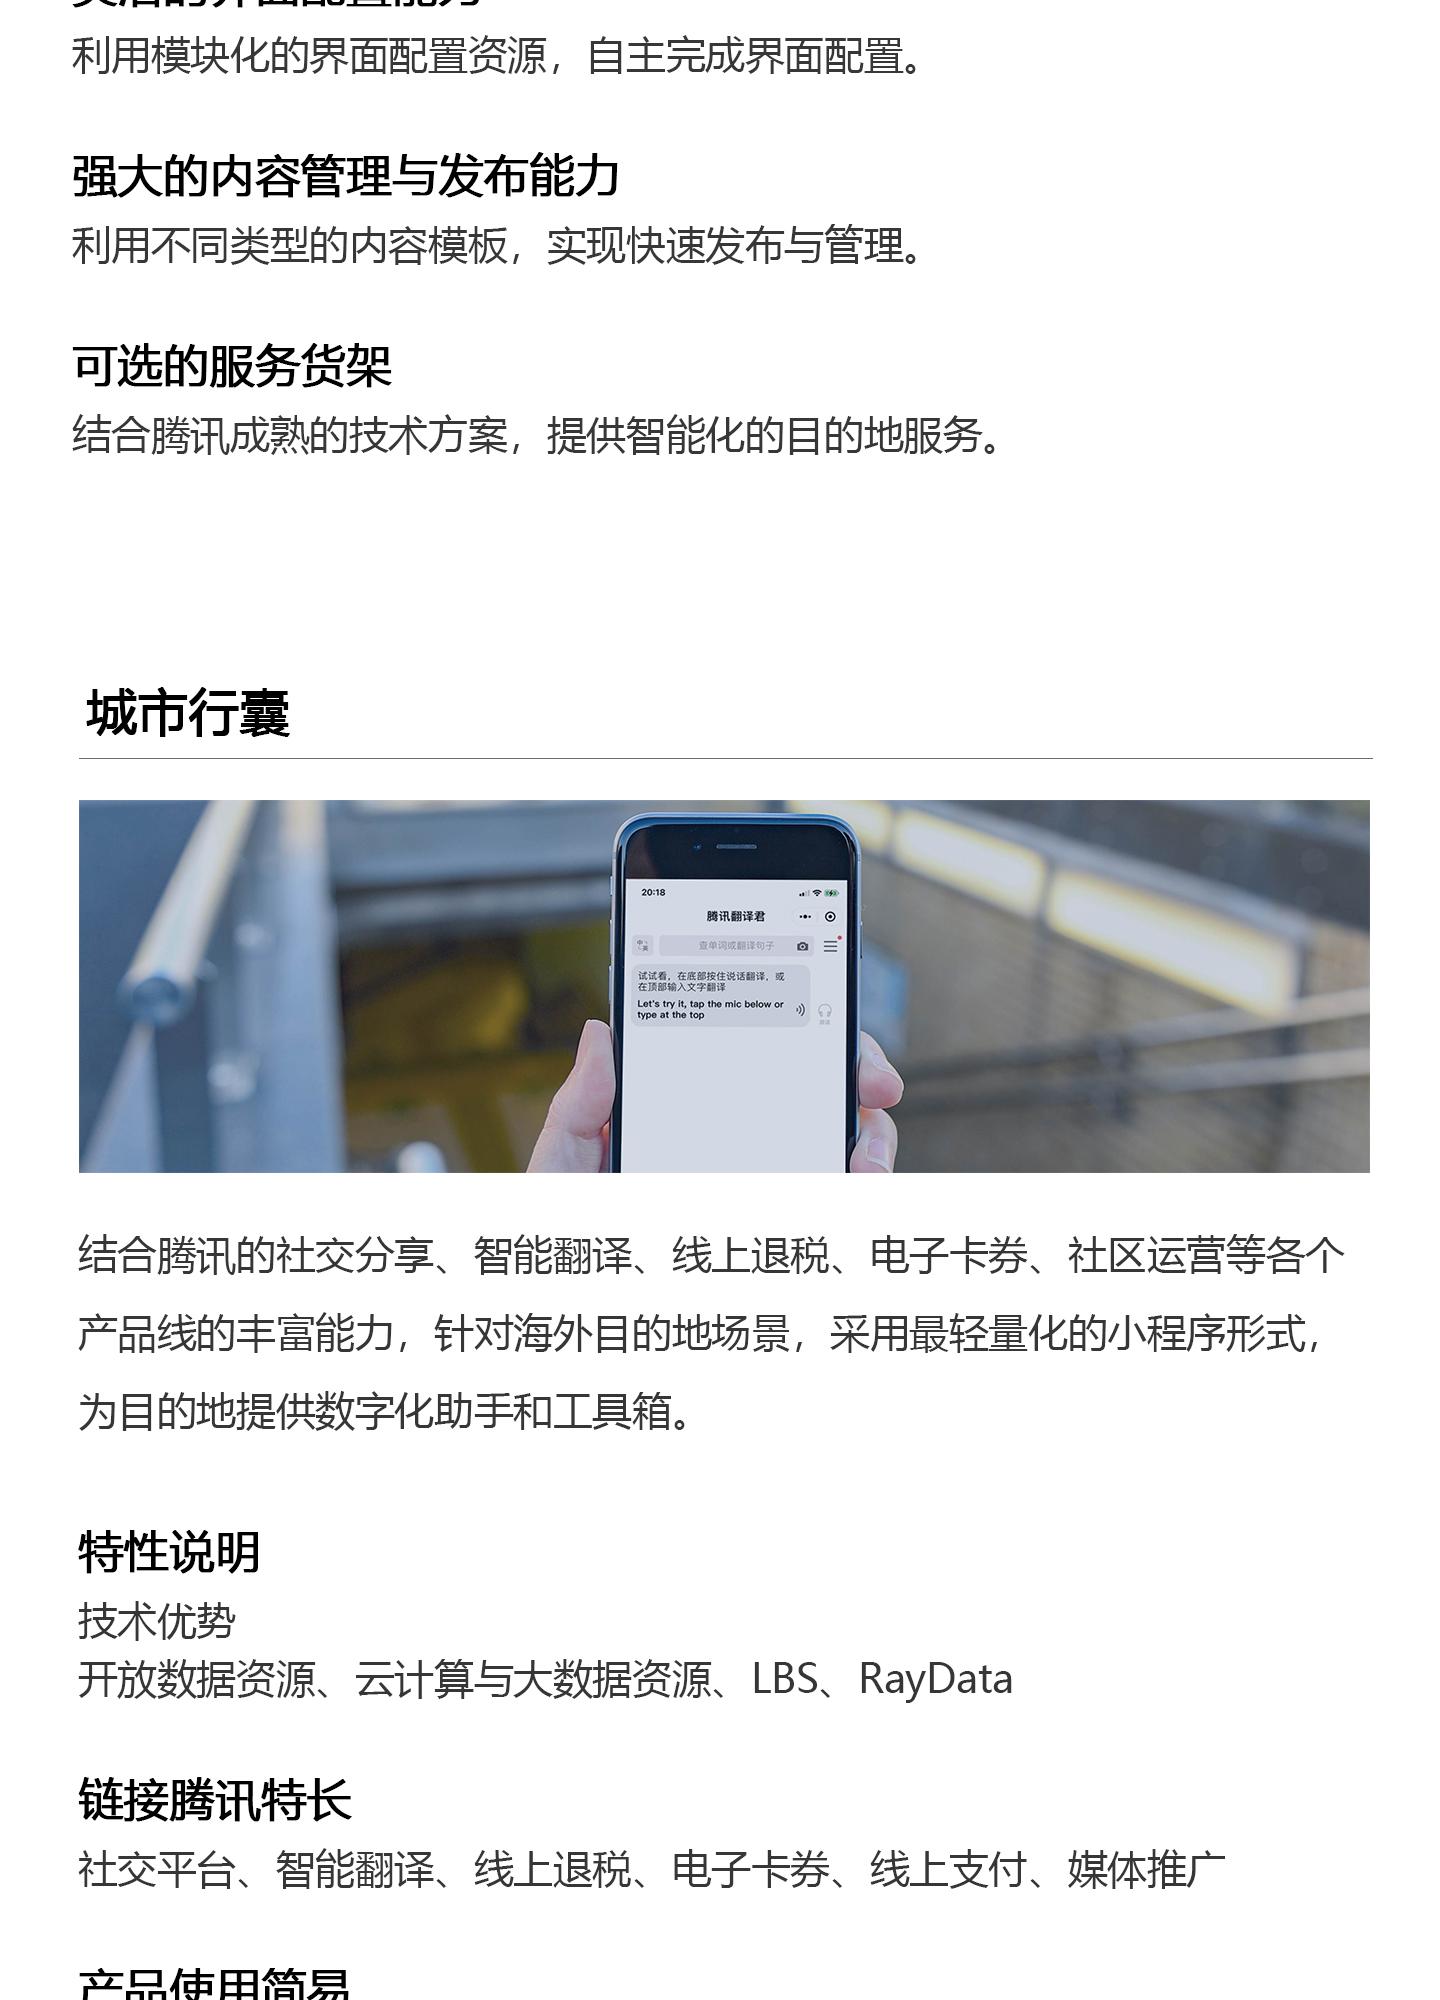 文旅行业解决方案1440_04.jpg